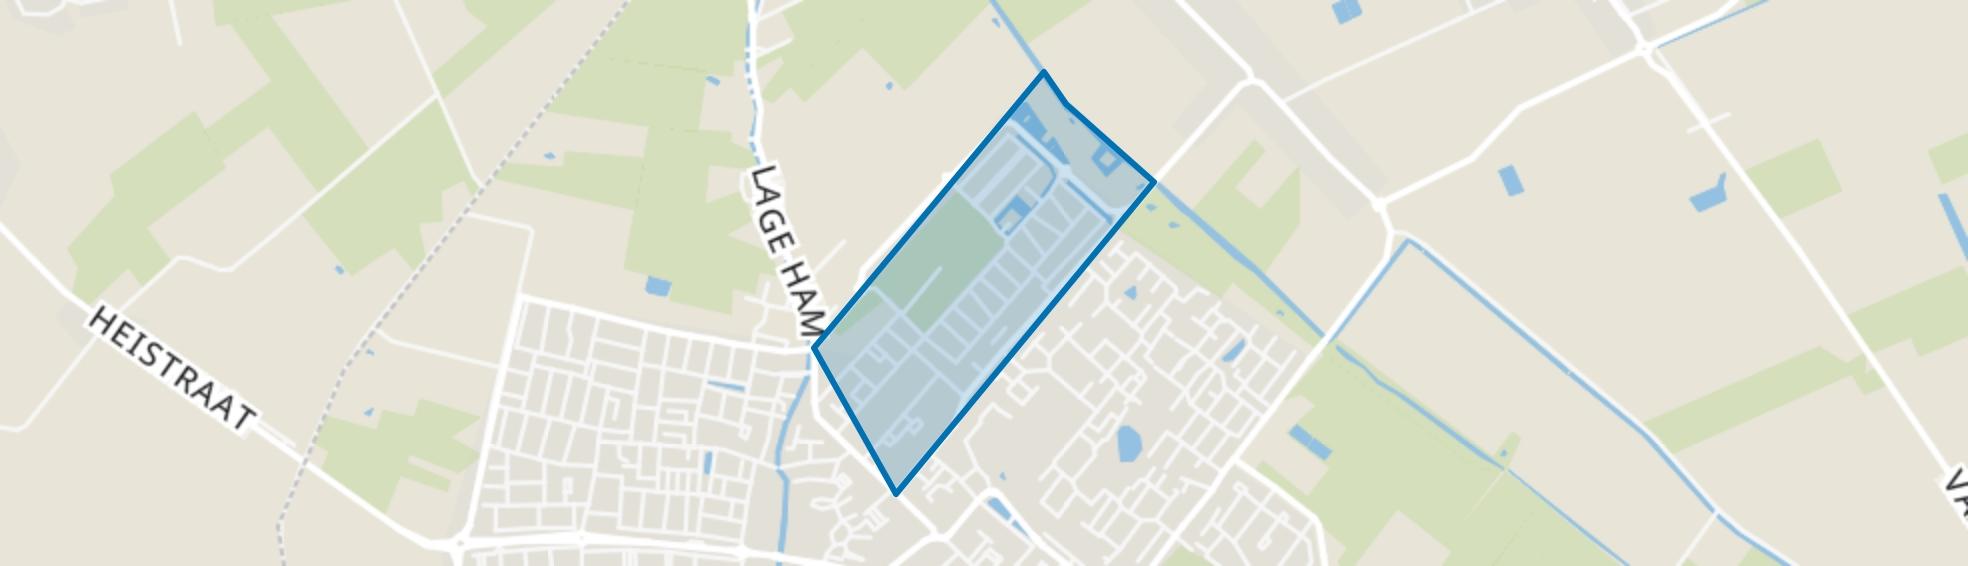 Beljaart, Dongen map